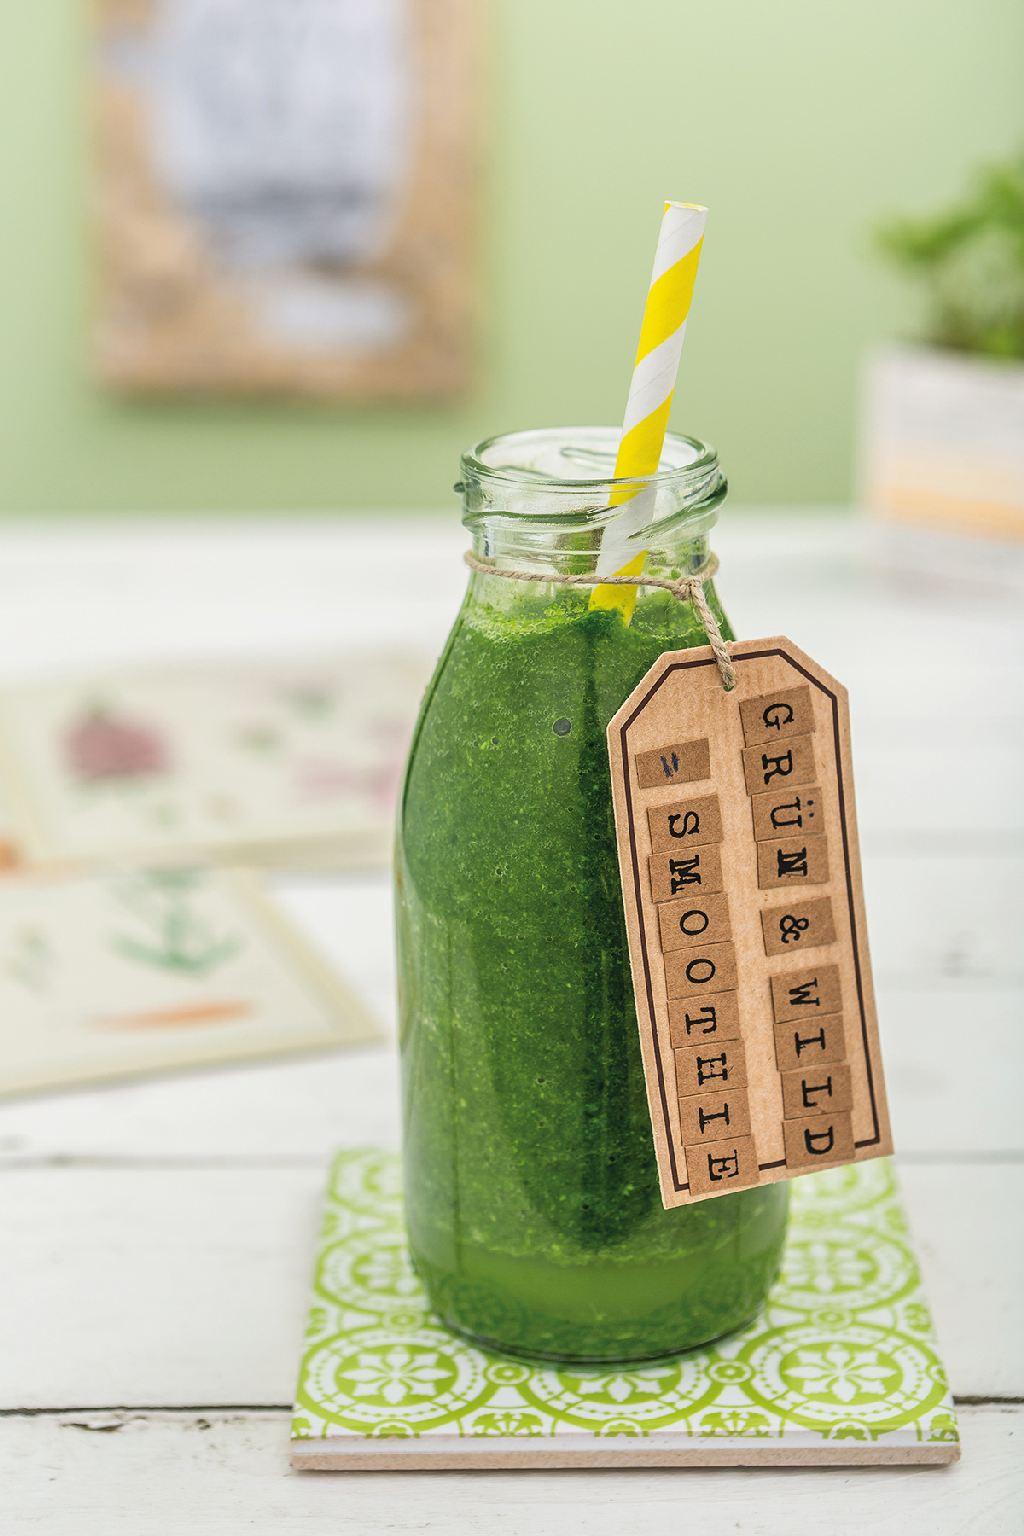 Eine grüne Smoothie Flasche (Grüner Smoothie)